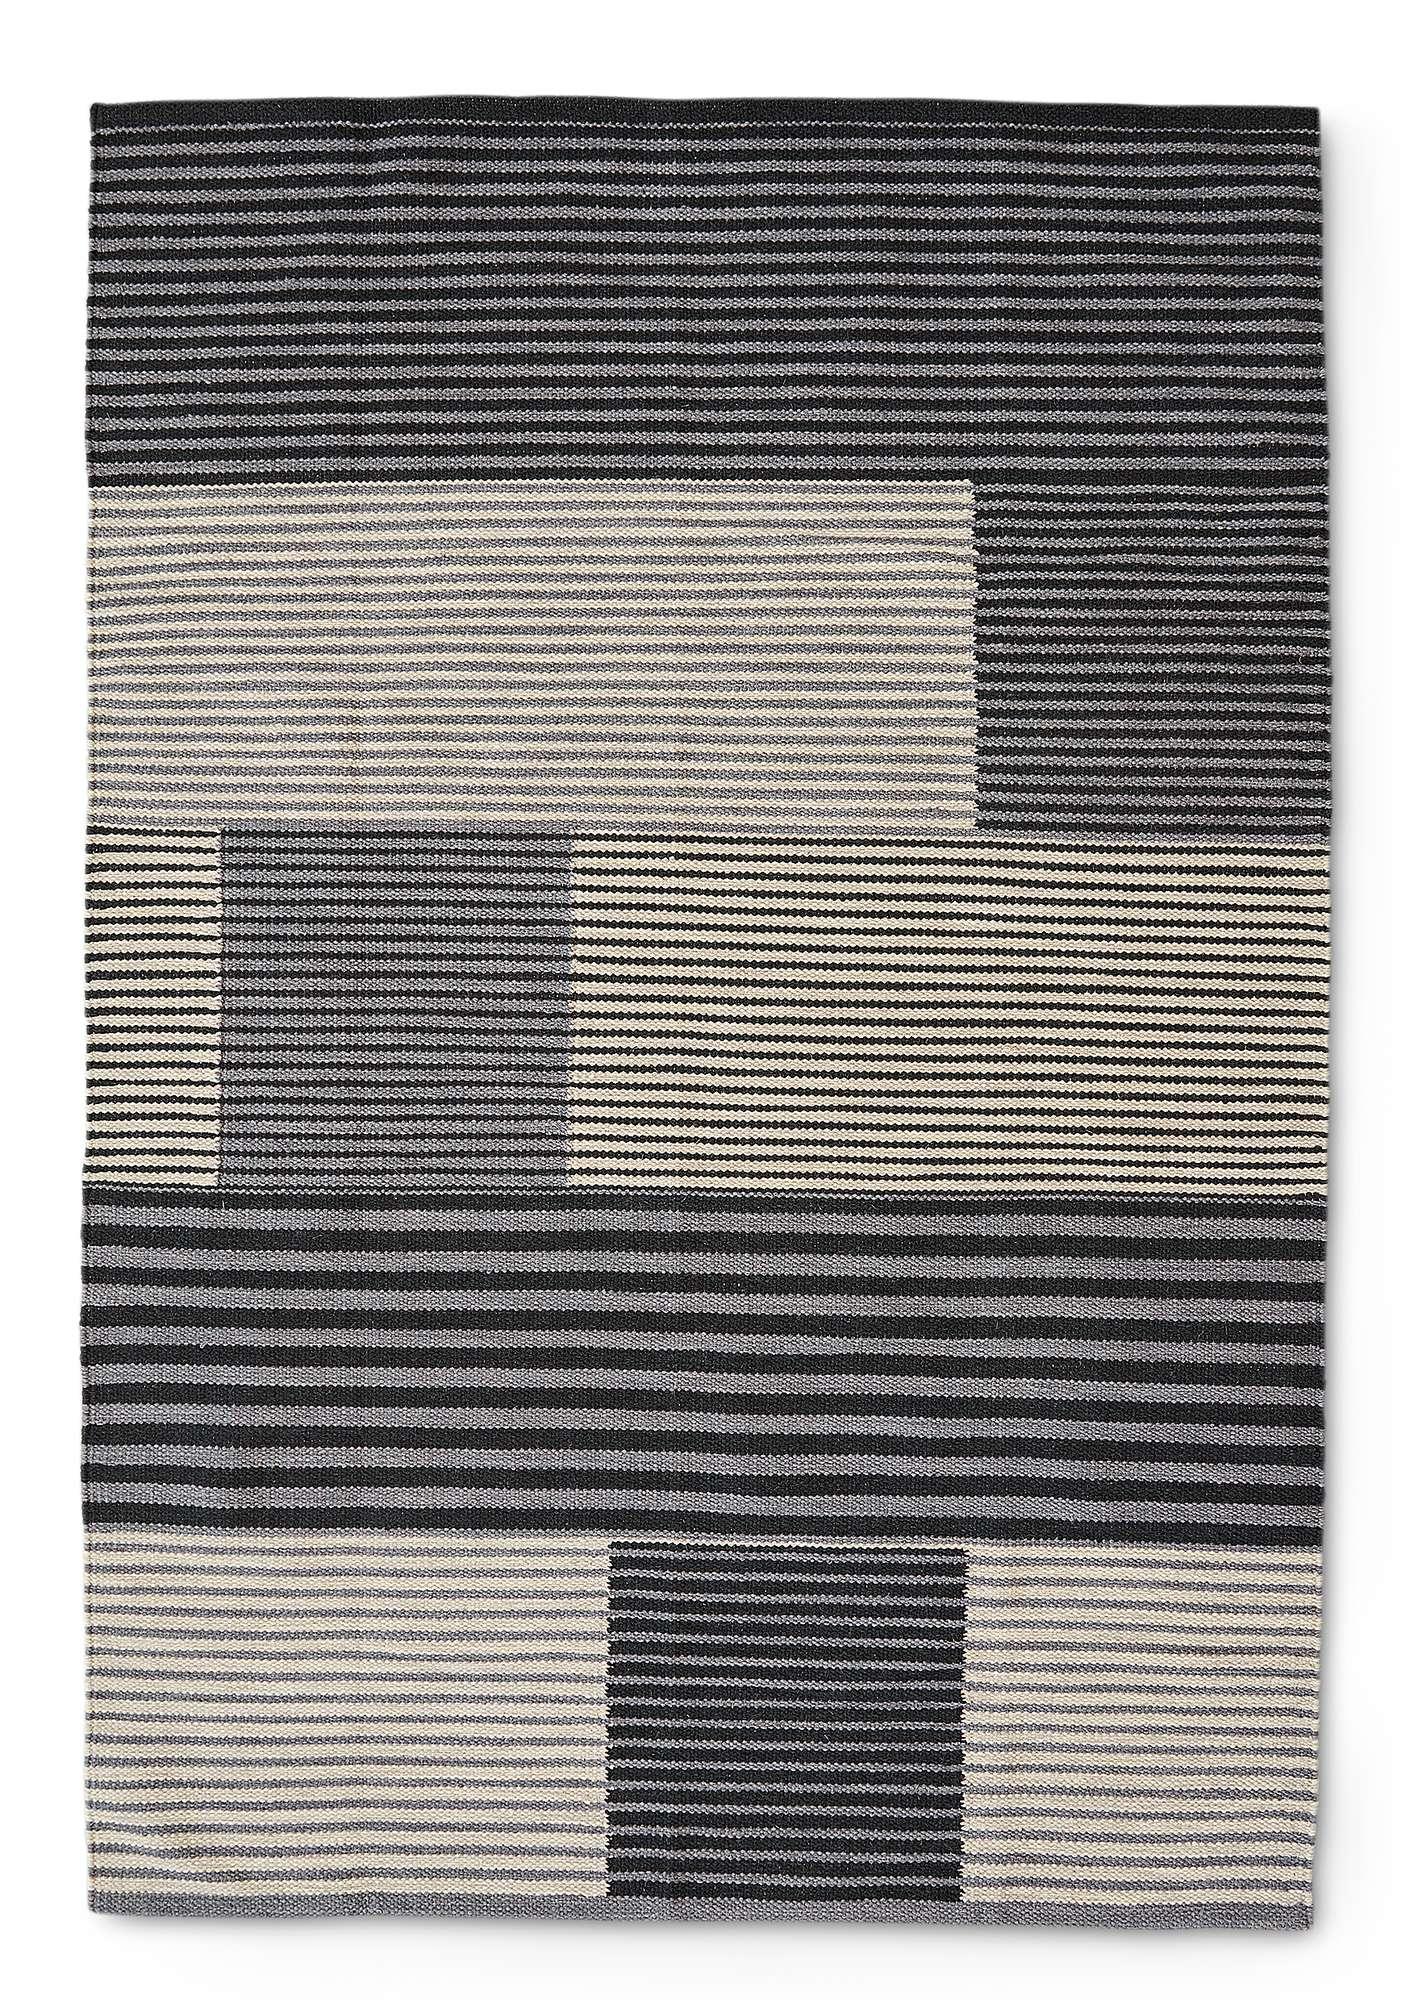 teppich landskap aus wolle gudrun sj d n. Black Bedroom Furniture Sets. Home Design Ideas